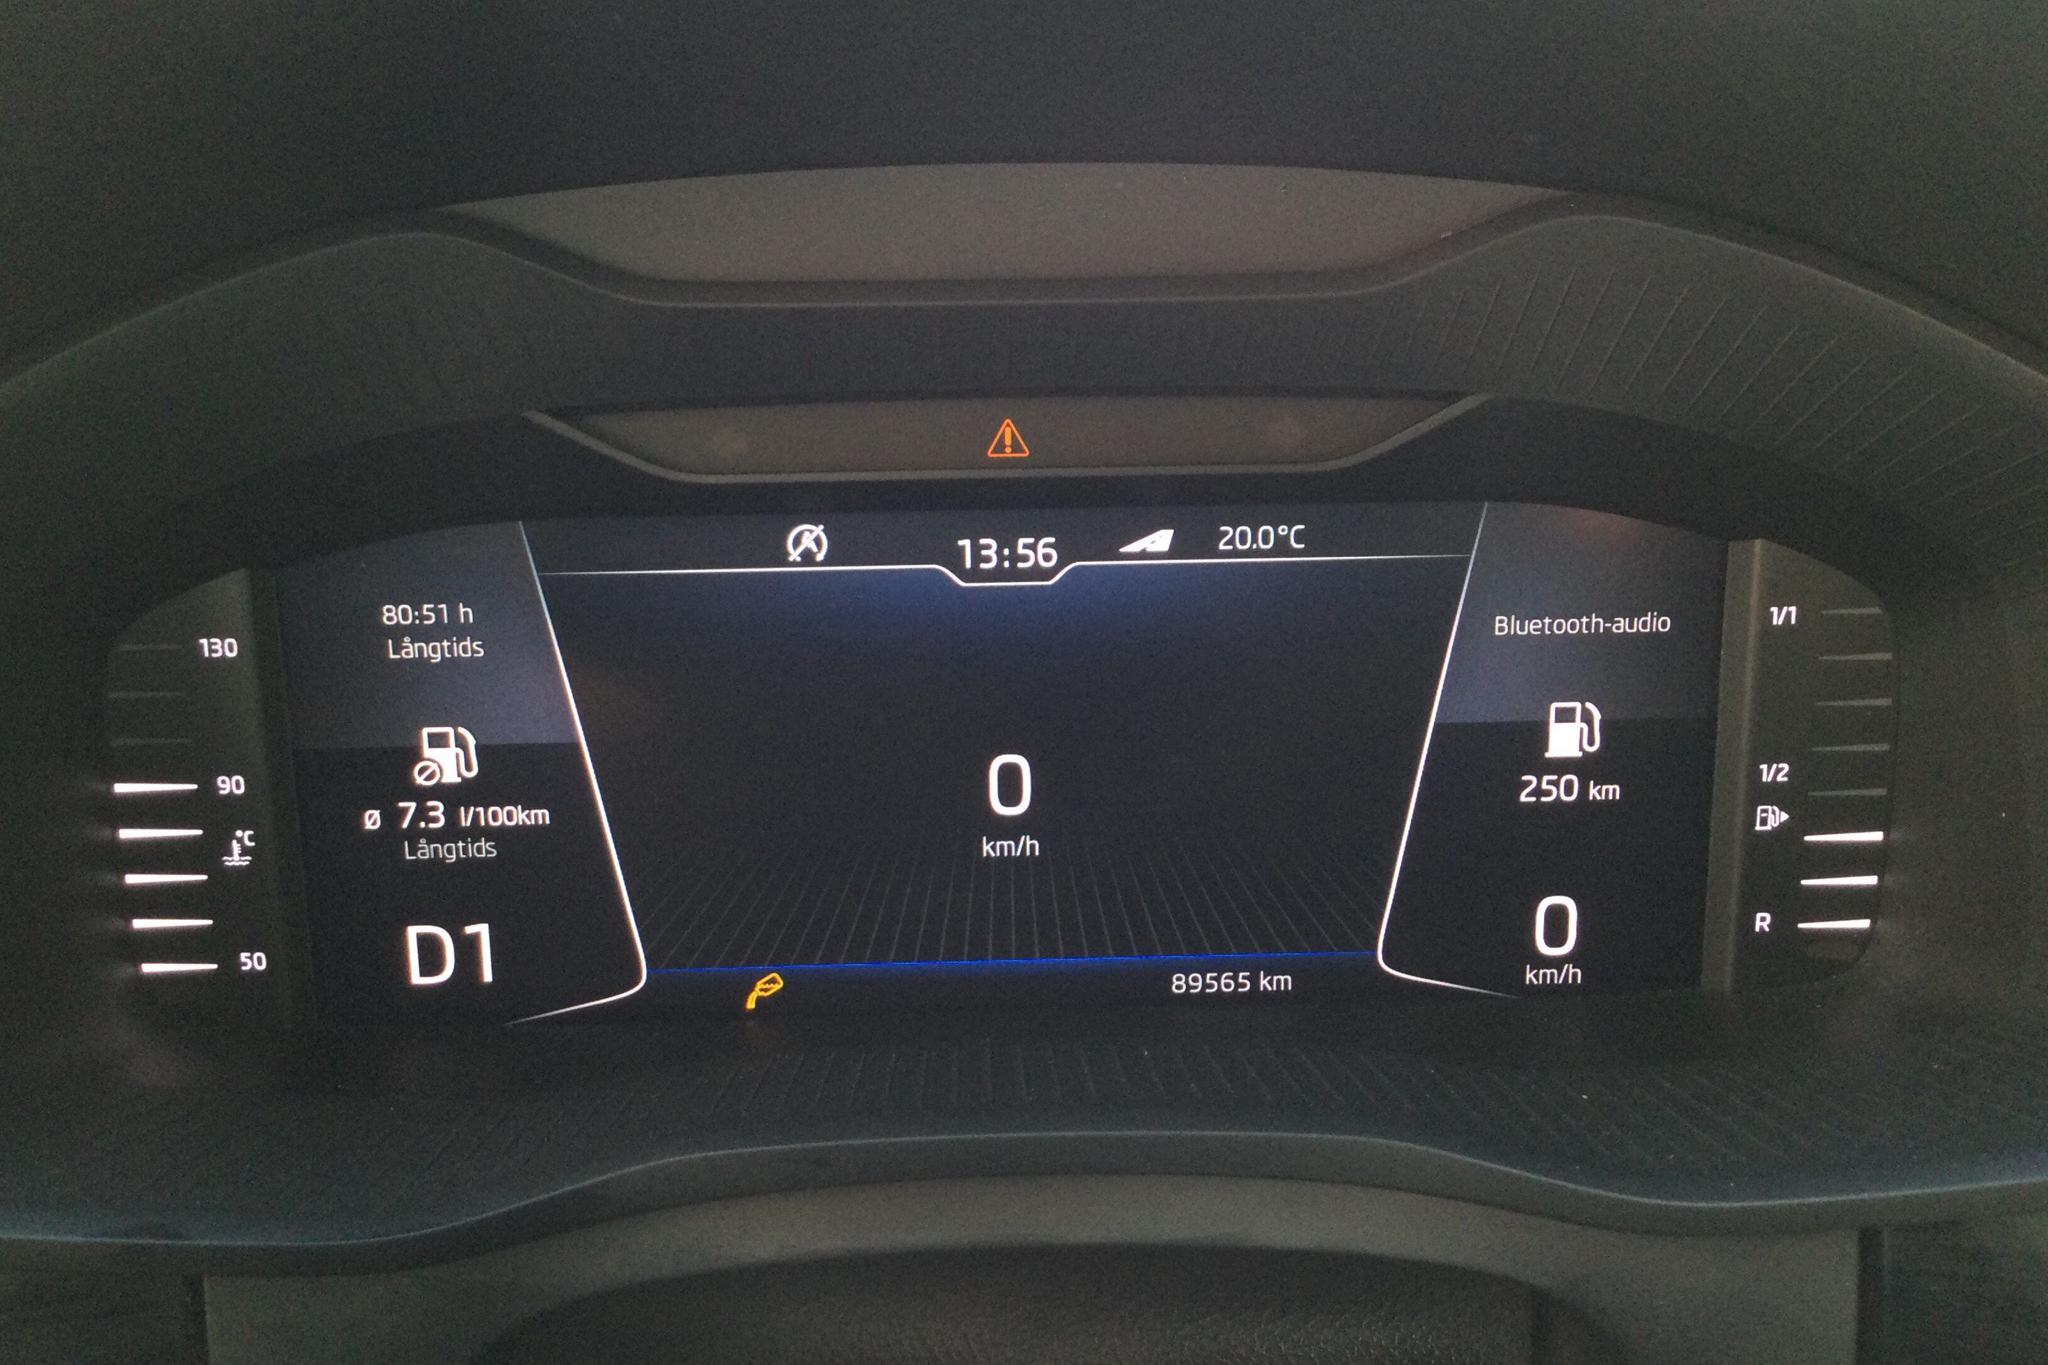 Skoda Kodiaq 2.0 TDI 4X4 (190hk) - 8 956 mil - Automat - svart - 2019